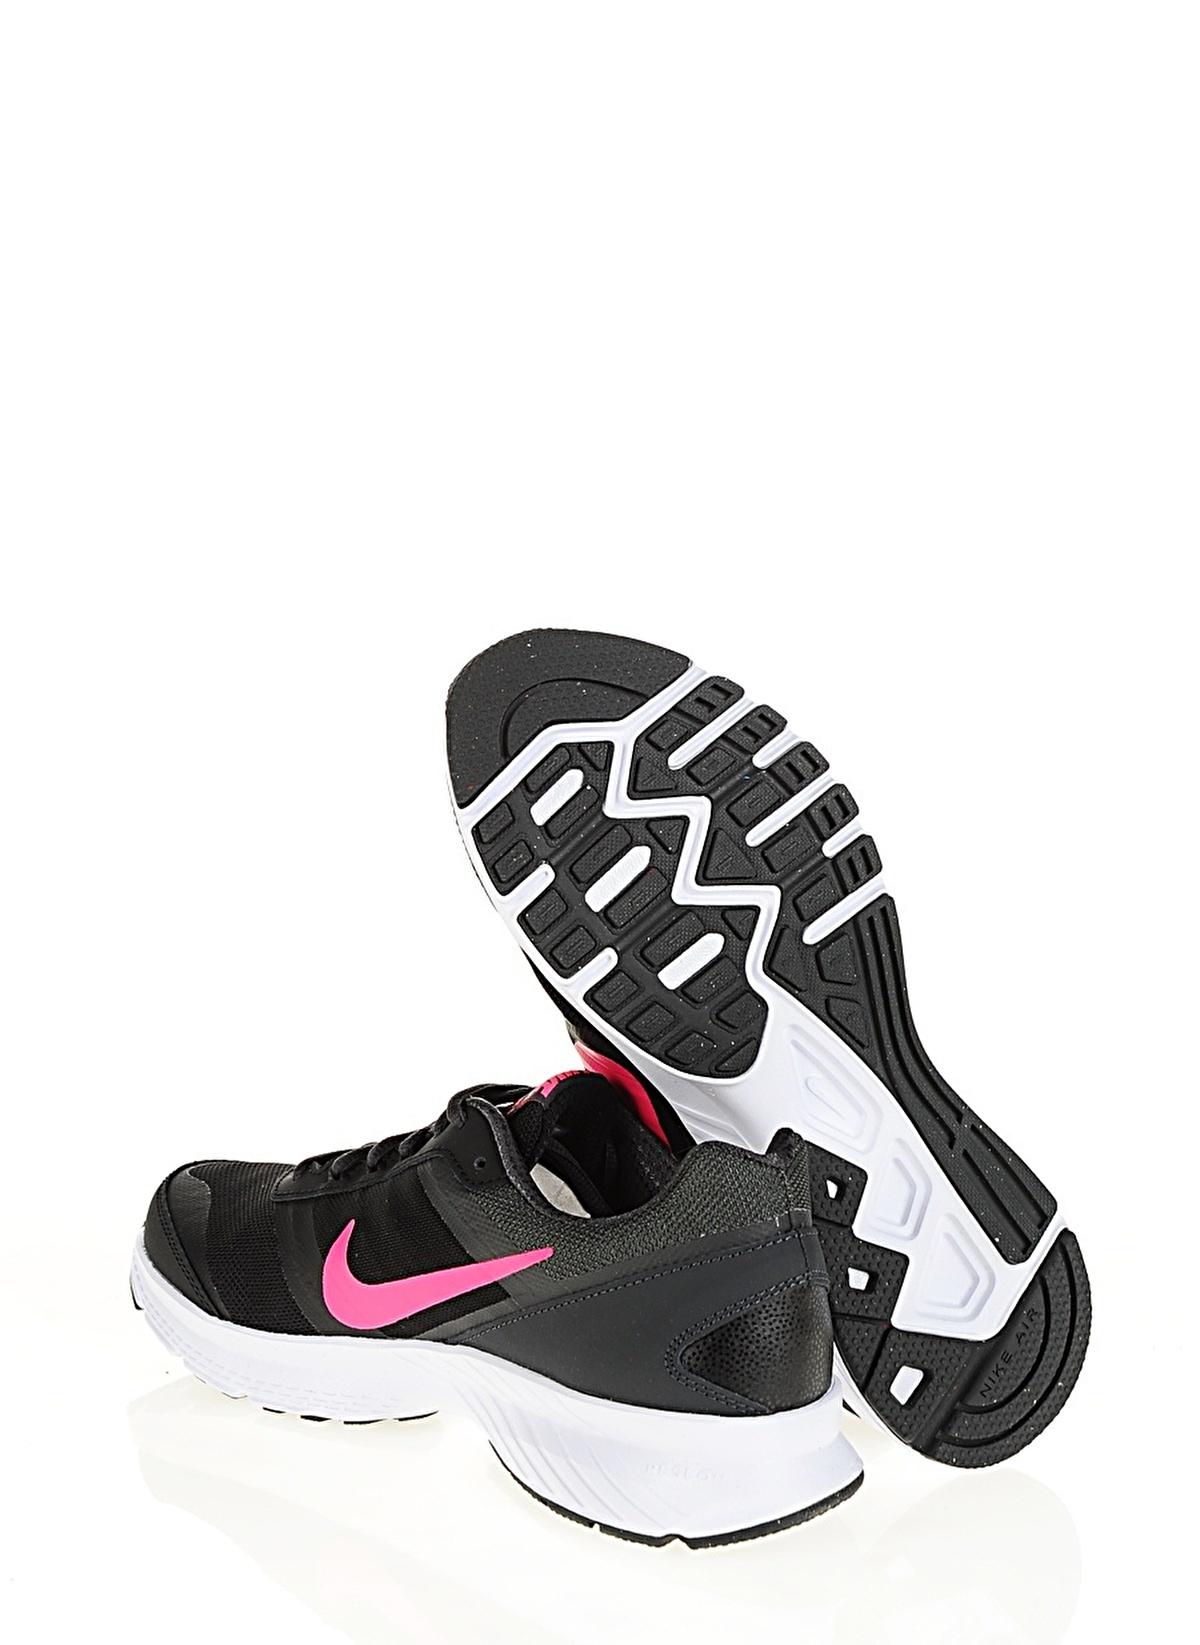 5c2039faeda Nike Kadın Wmns Air Relentless 5 Black Hyper Pink-Anthrct-White ...